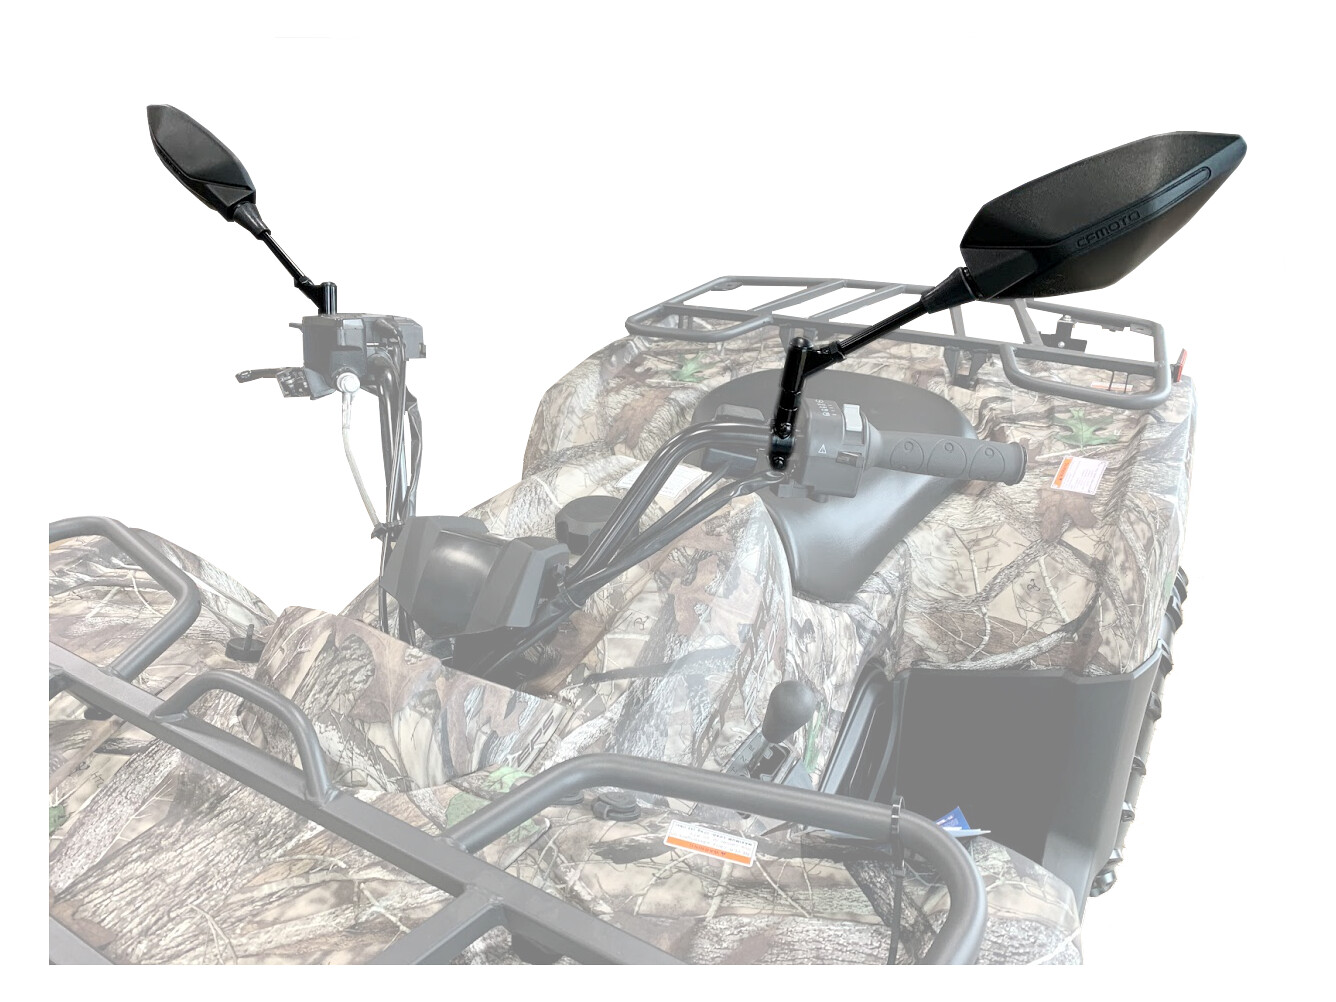 CFMOTO CFORCE ATV Side View Mirrors, OEM 400/500/600/800 (9AY0-200200, 9AY0-200300)